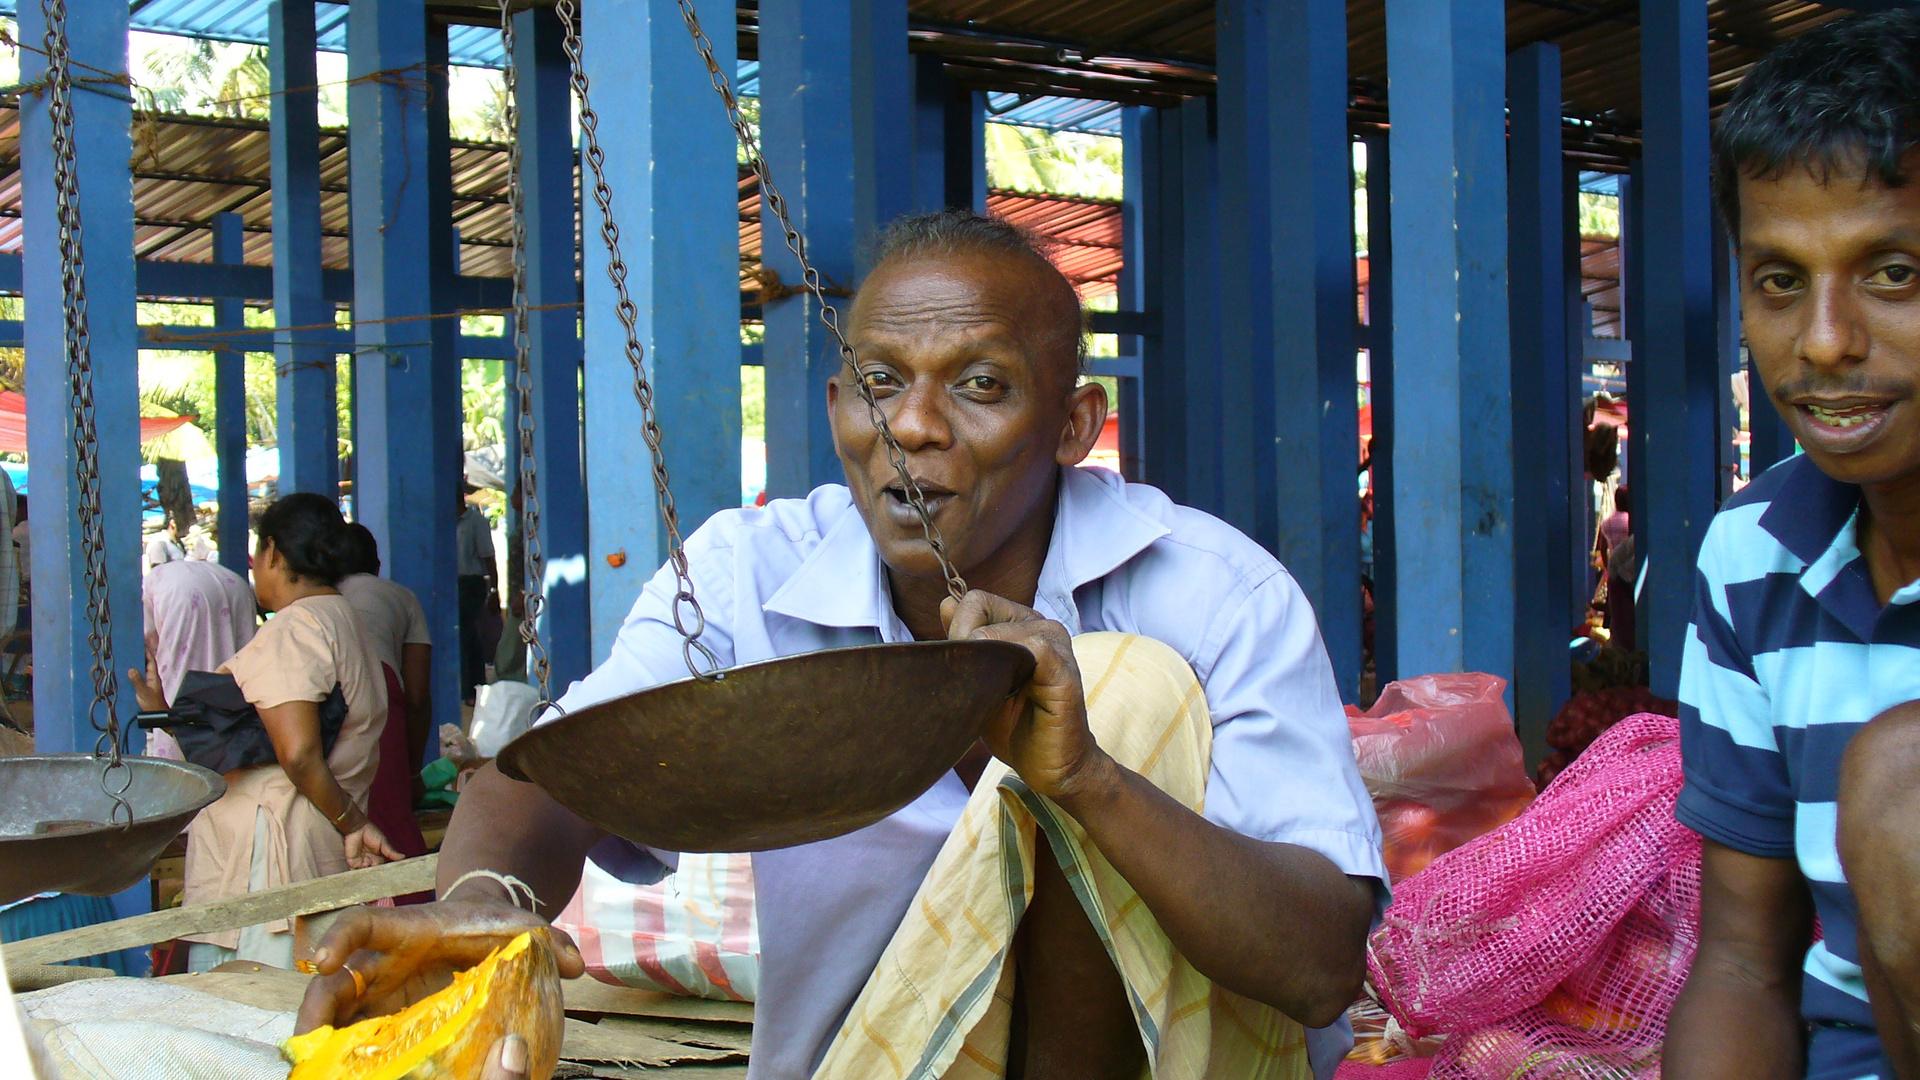 Sunday morning - Fruit market